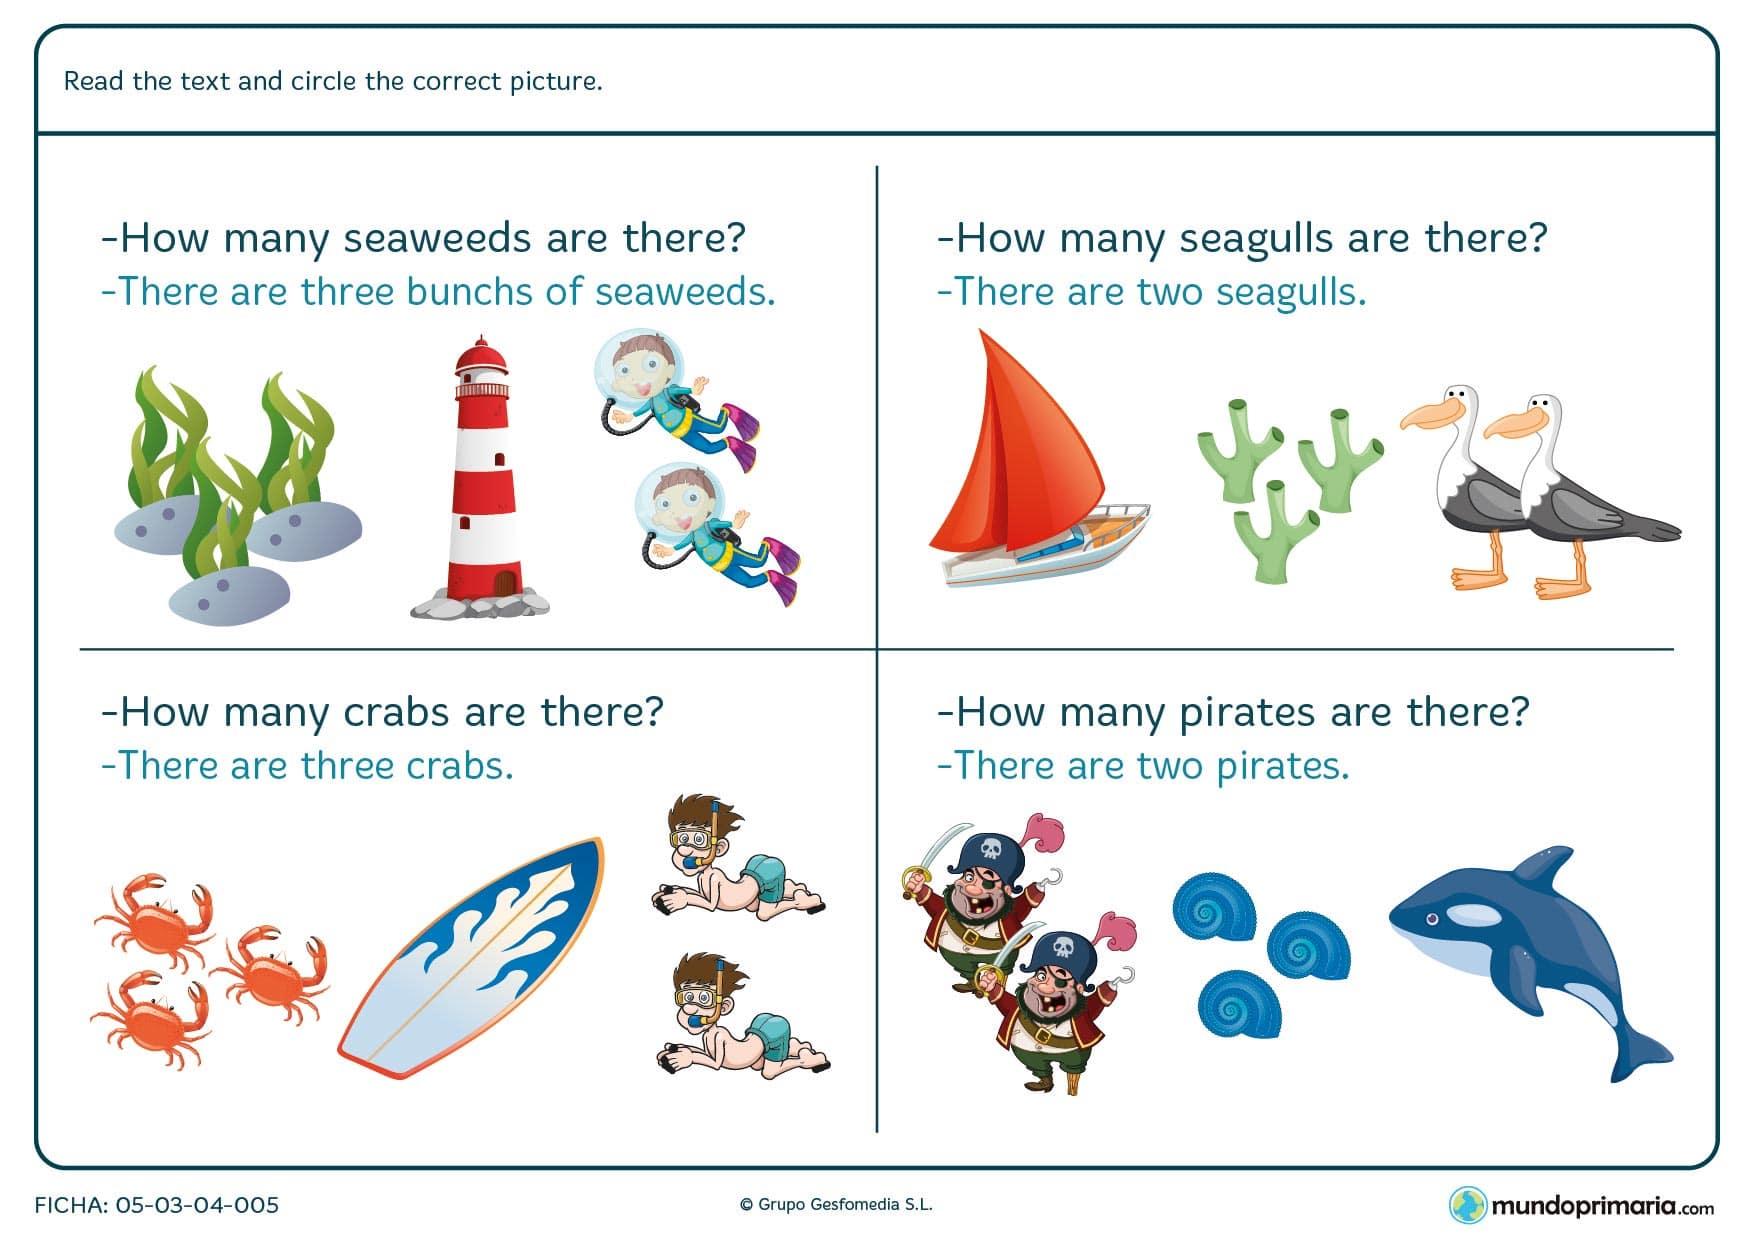 Ficha con texto de comprensión para después rodear el dibujo correcto. Se deben rodear algas, gaviotas, cangrejos y piratas.